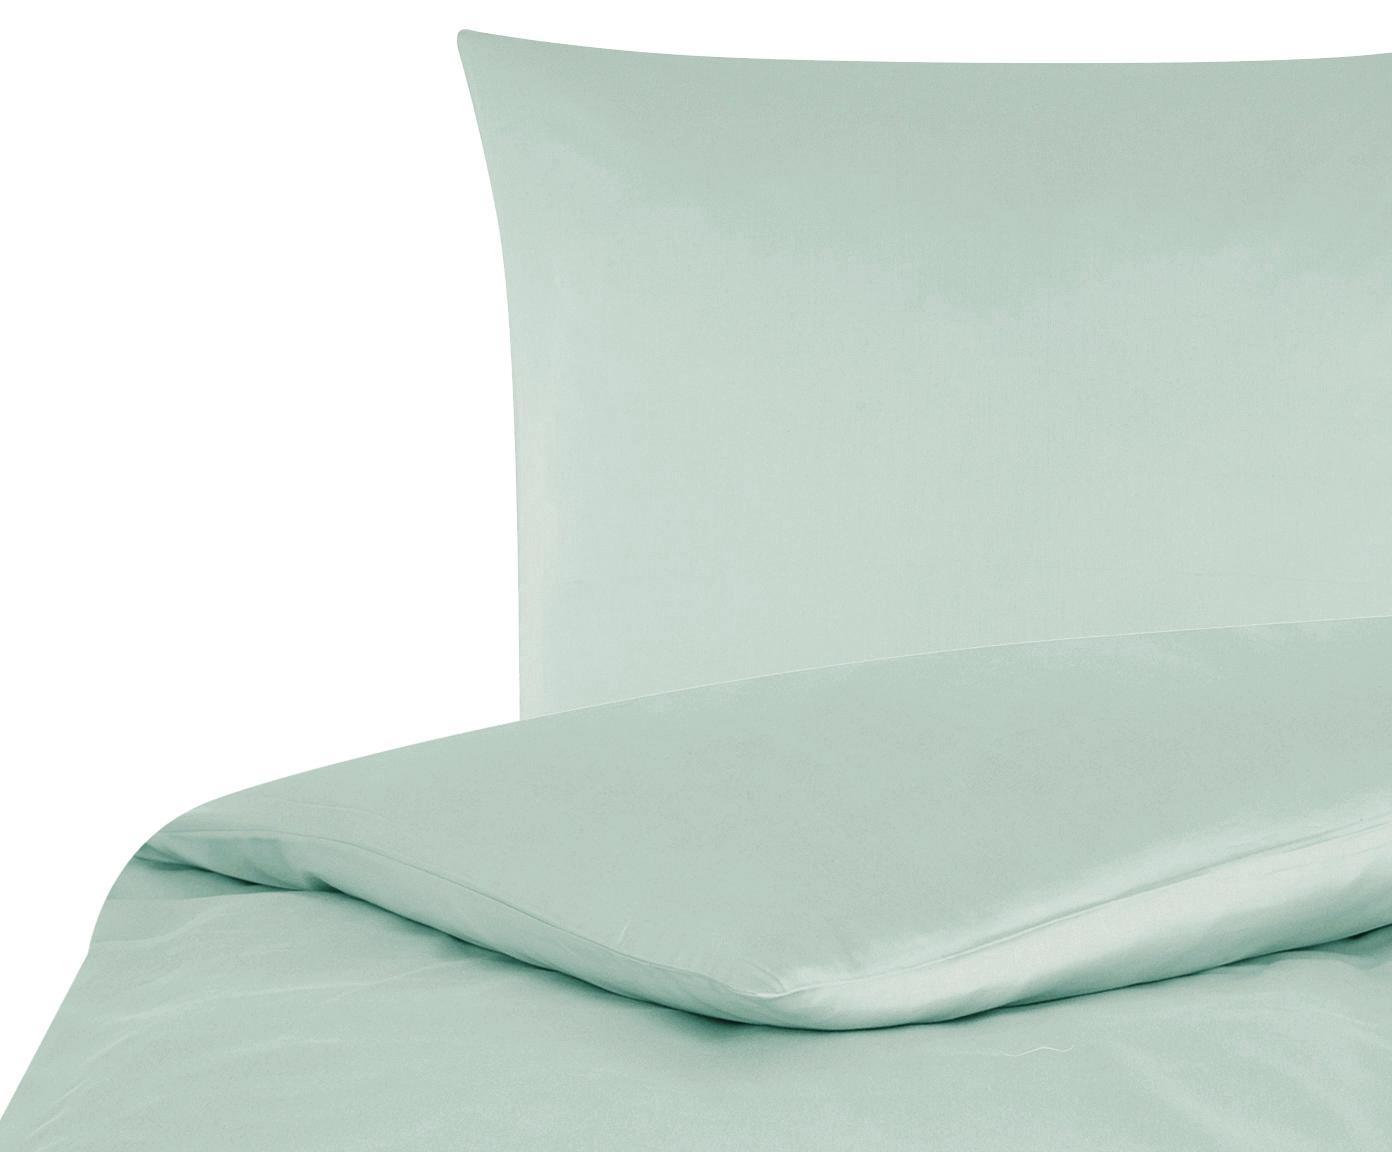 Katoensatijnen dekbedovertrek Comfort, Weeftechniek: satijn, licht glanzend, Saliegroen, 140 x 200 cm